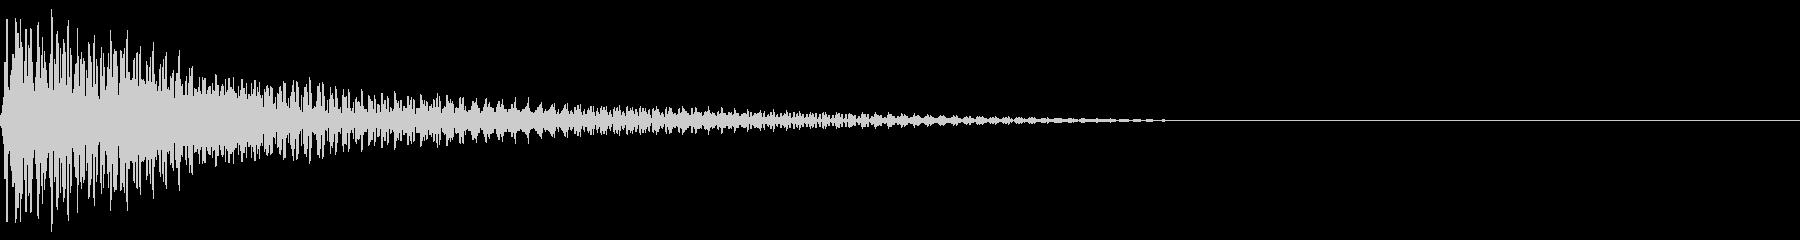 ピコン(ピアノの警告音)4の未再生の波形